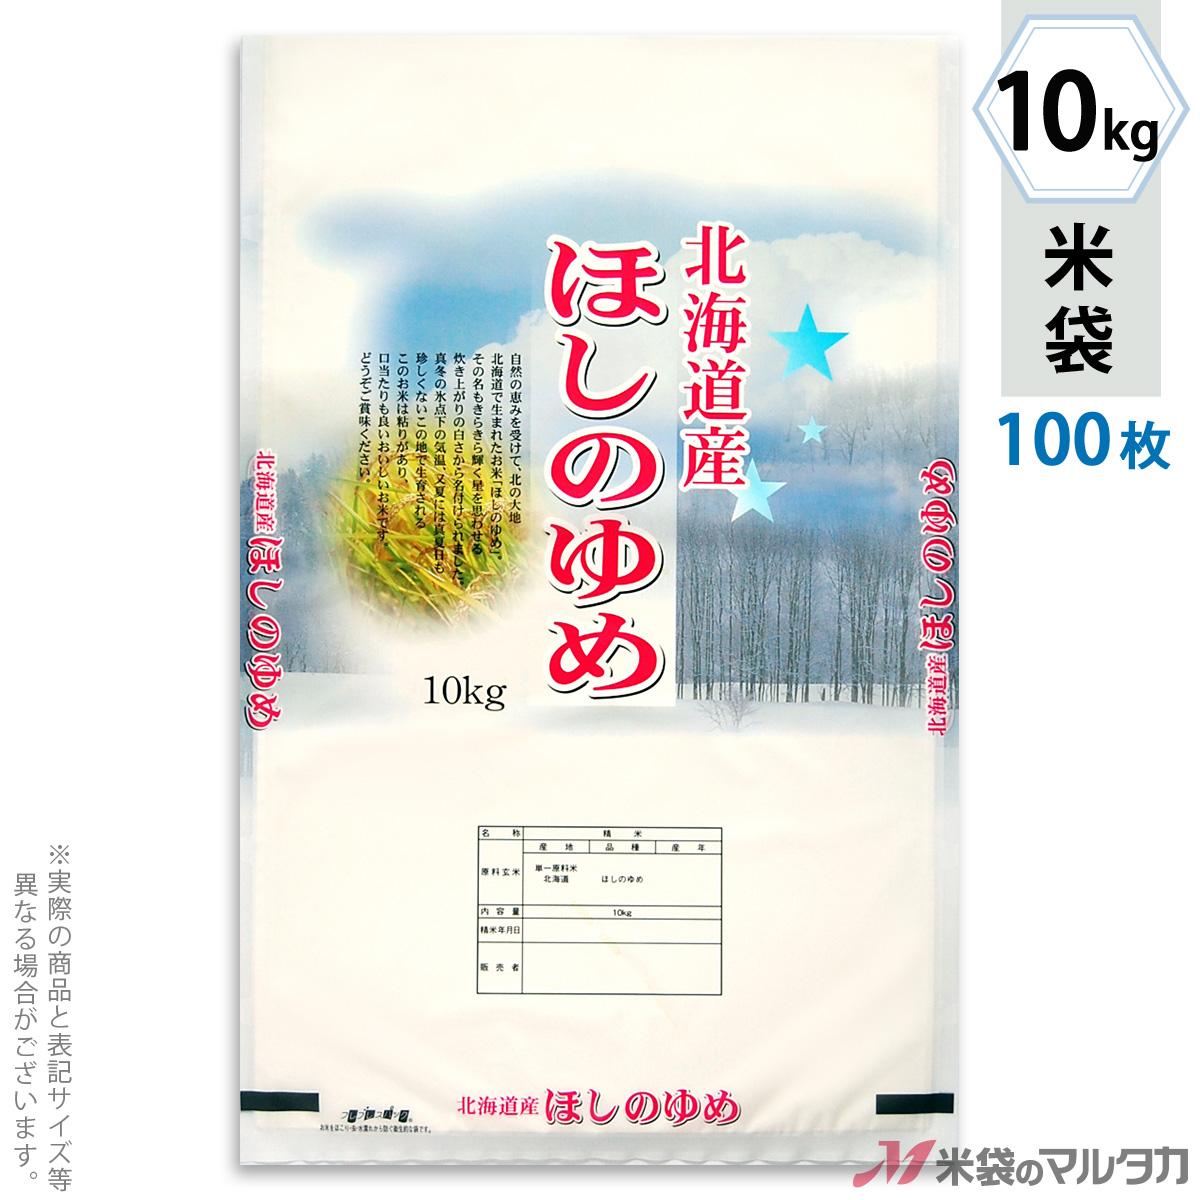 米袋 ラミ フレブレス 北海道産ほしのゆめ 樹氷 10kg 100枚セット MN-7800